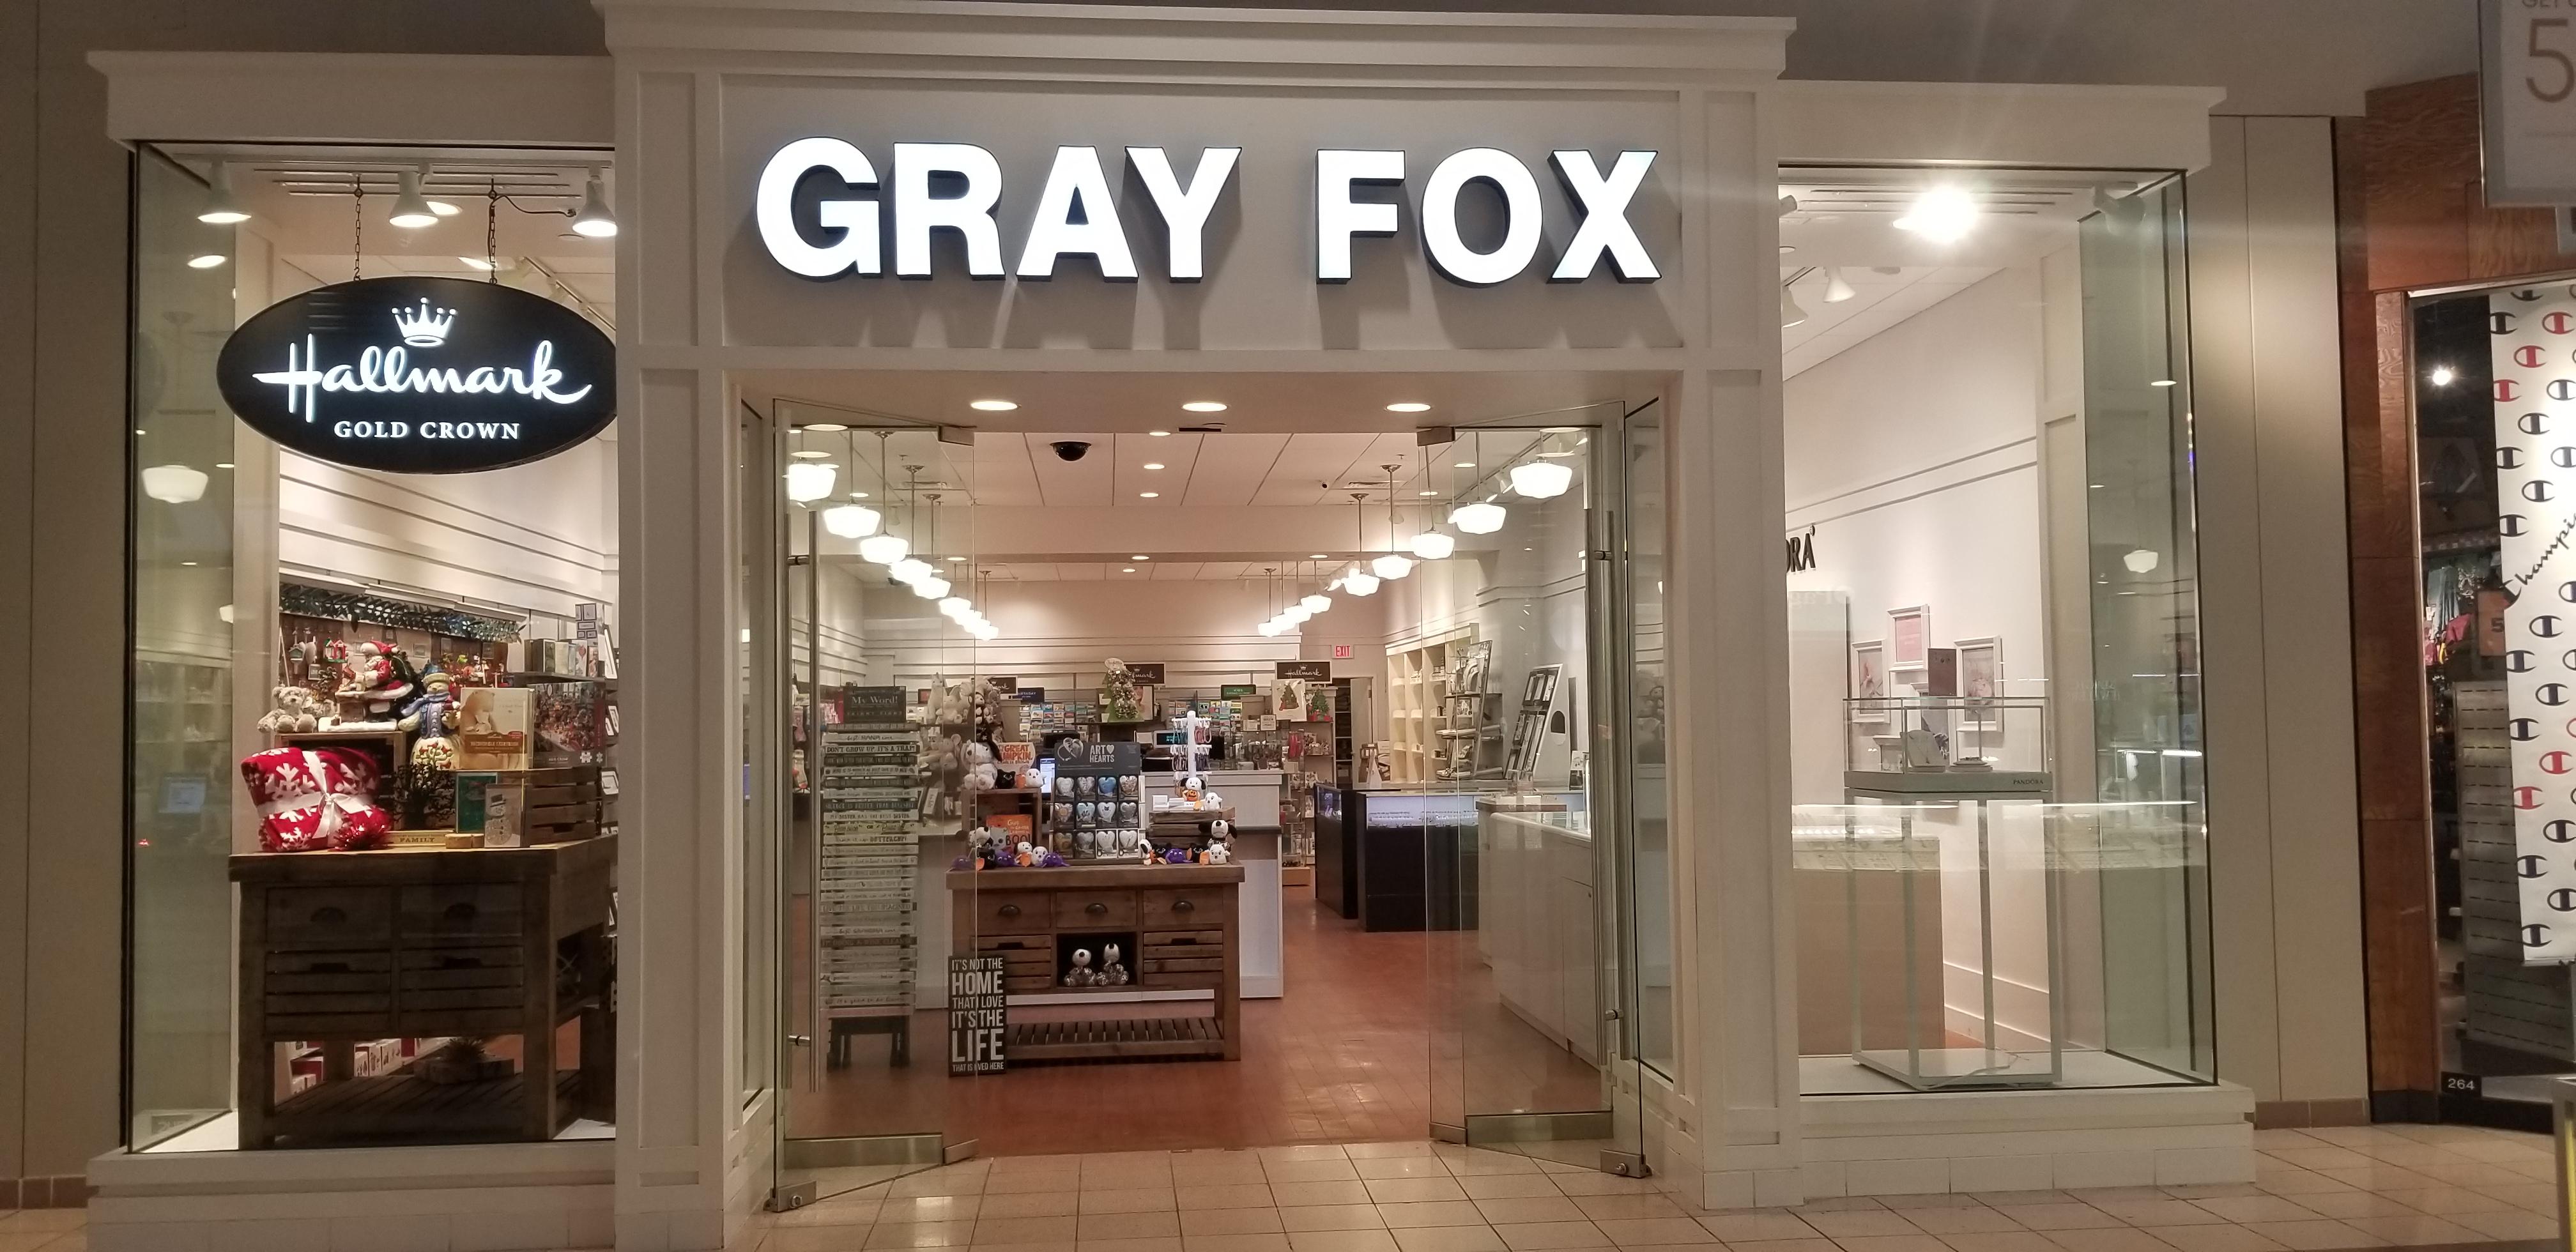 Hall Mark Gray Fox